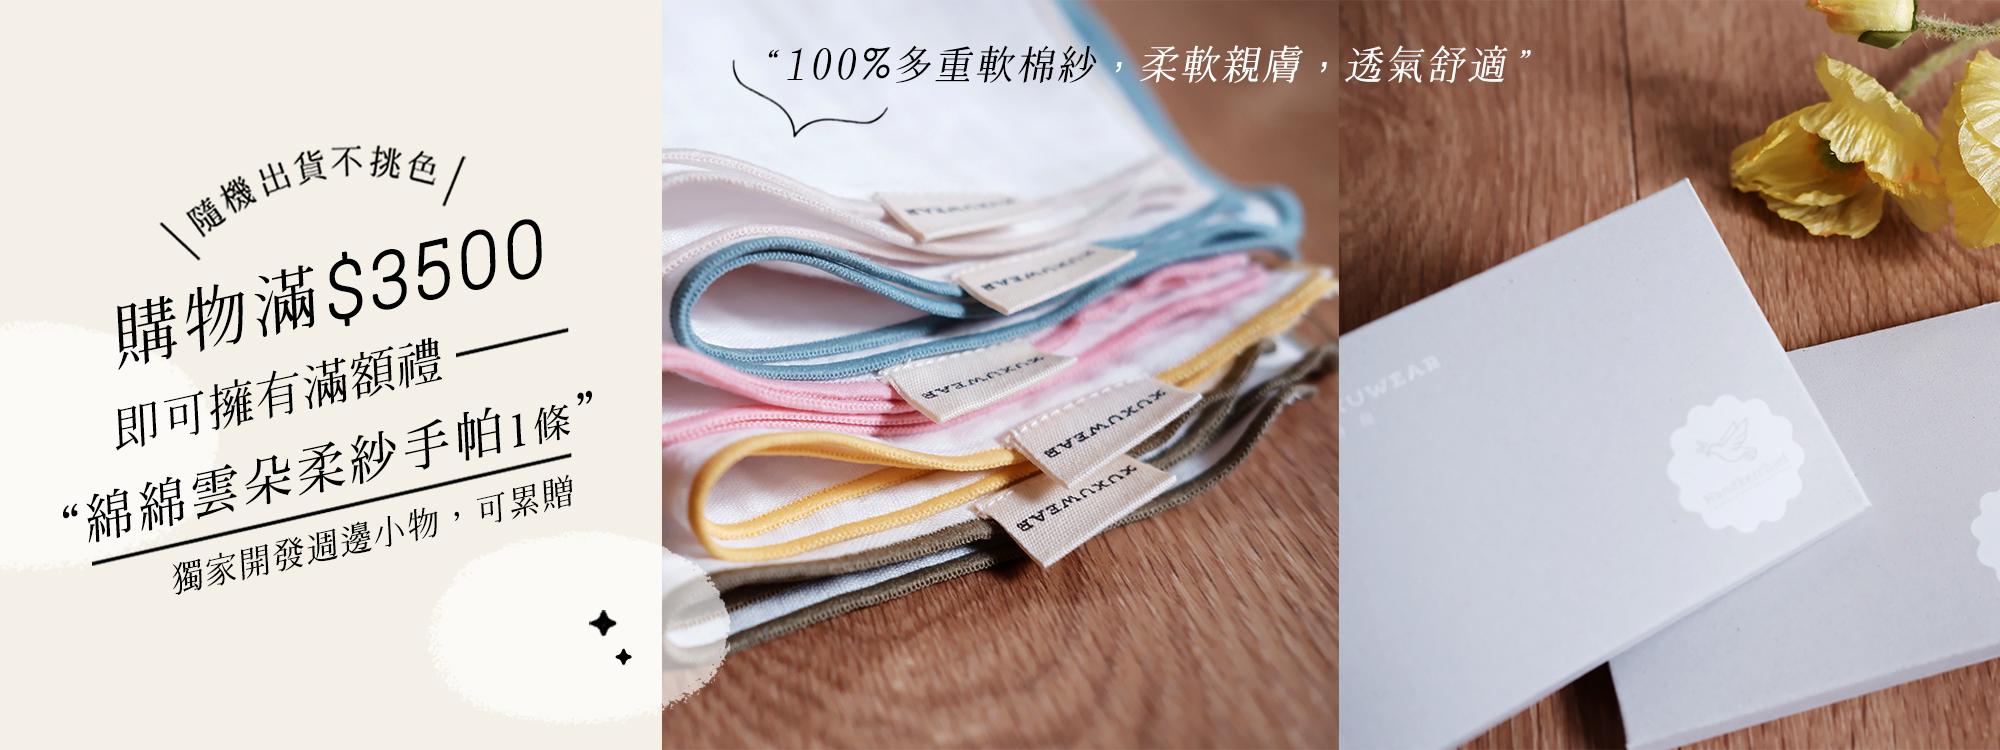 全館消費滿3500贈許許兒品牌三層紗手帕